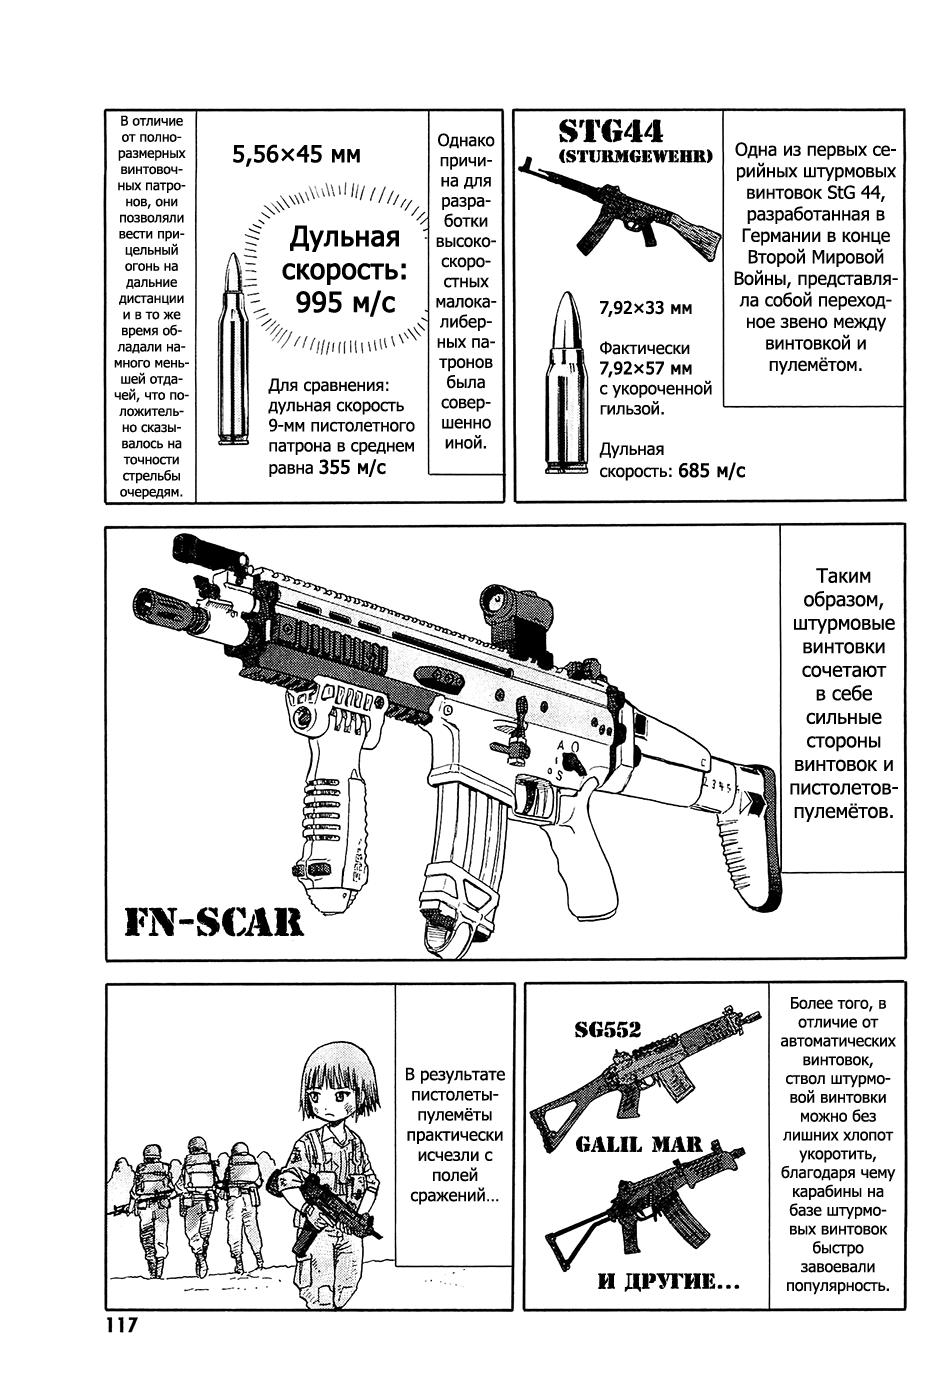 https://r2.ninemanga.com/comics/pic4/34/38242/1365515/1560210184358.png Page 7